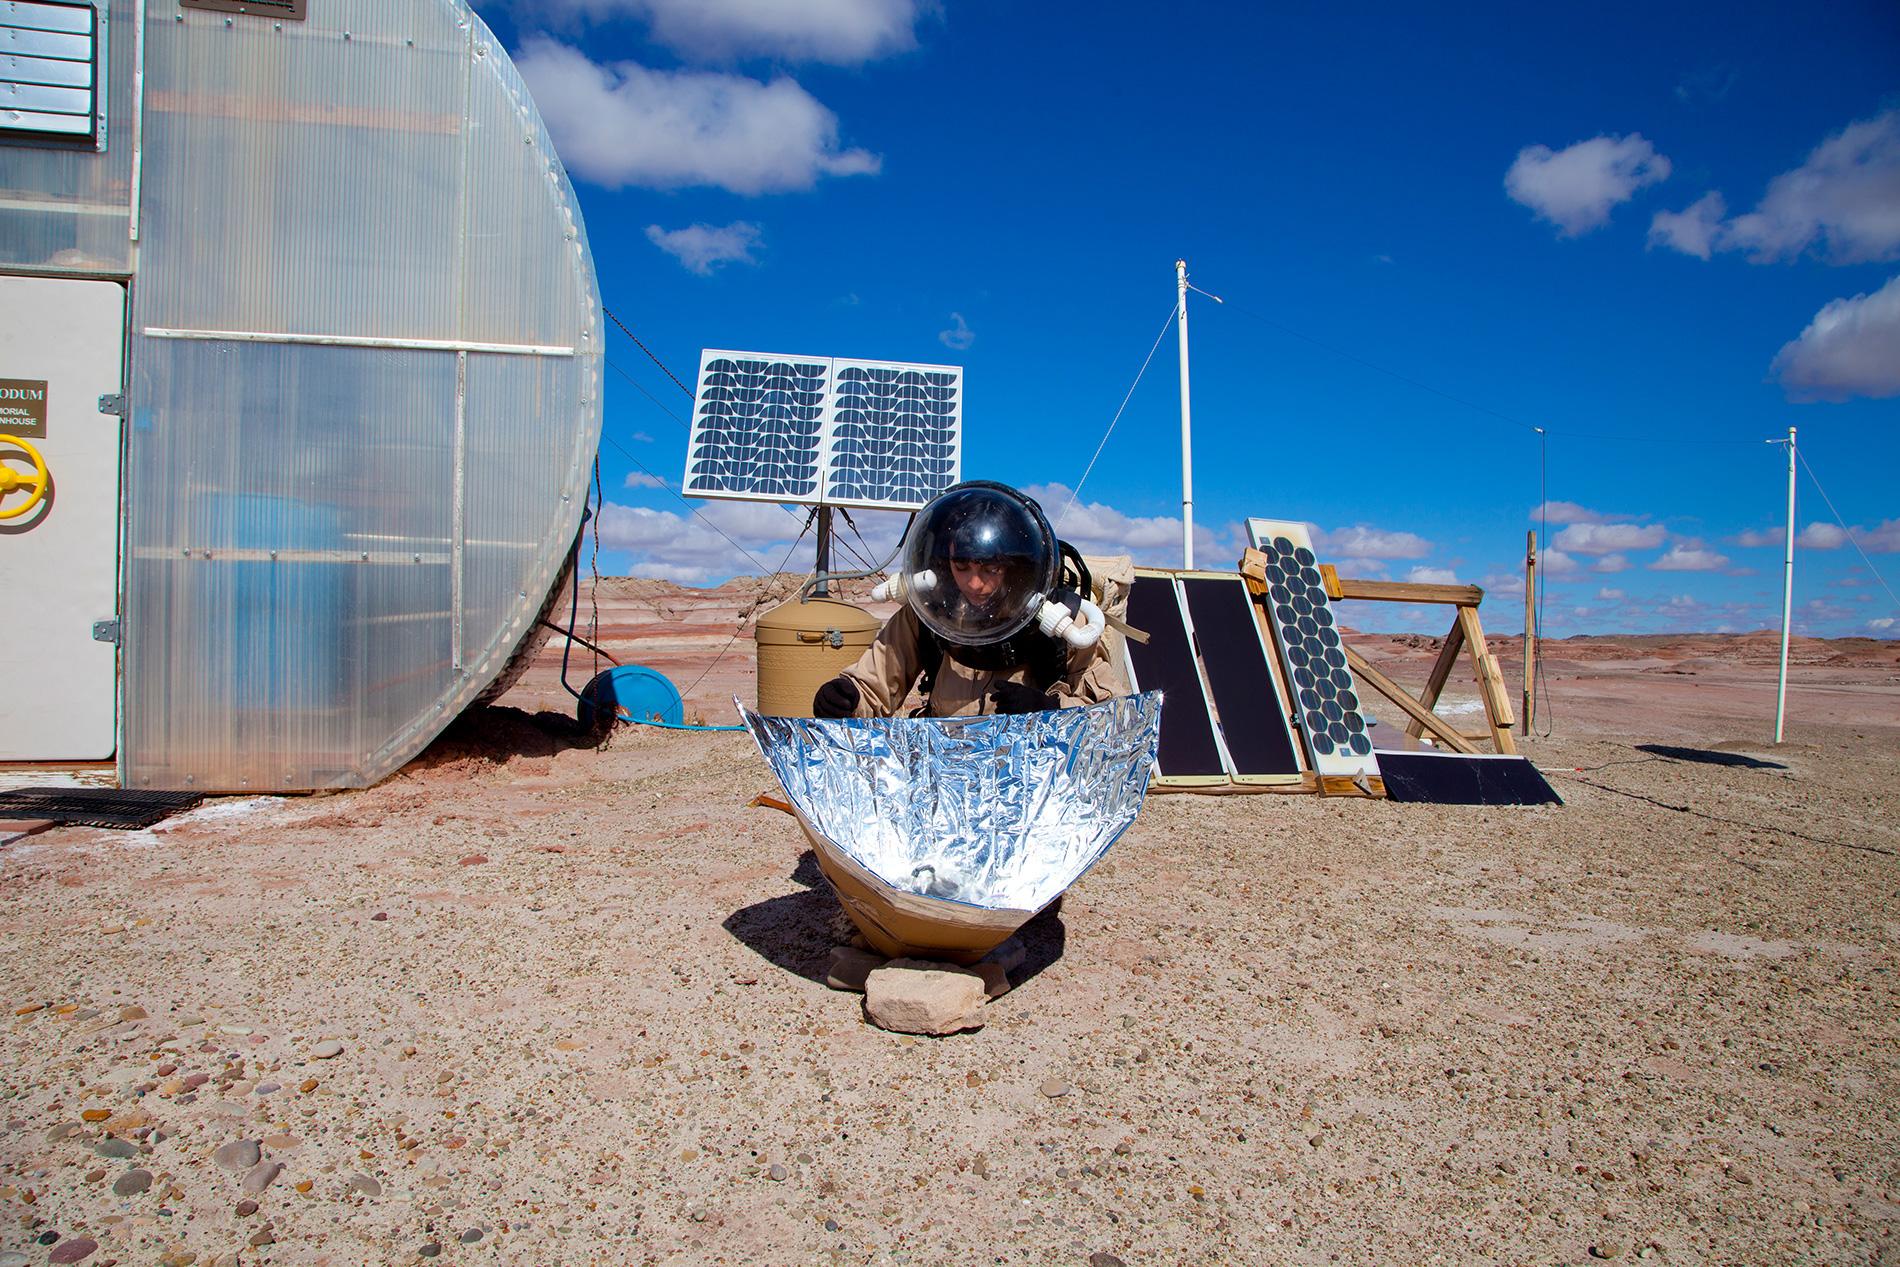 Mars solar cooker experiment